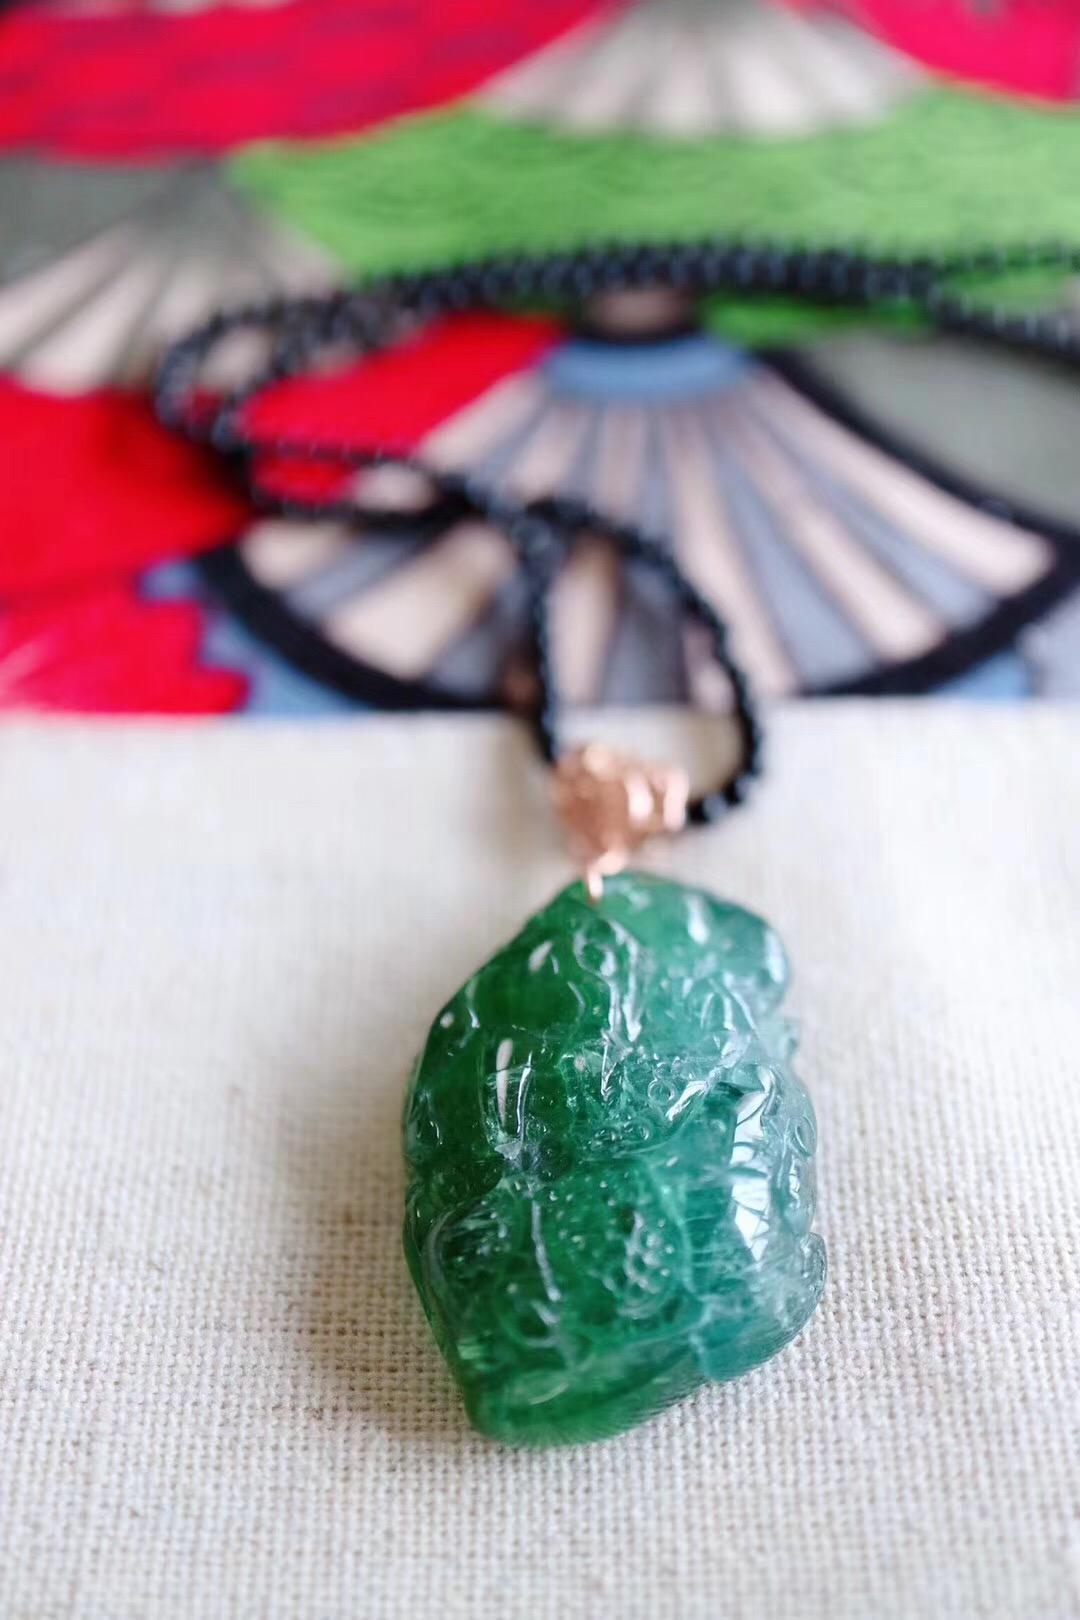 『碧玺 | 貔貅』 绿色,心轮的颜色,也是生命的颜色-菩心晶舍